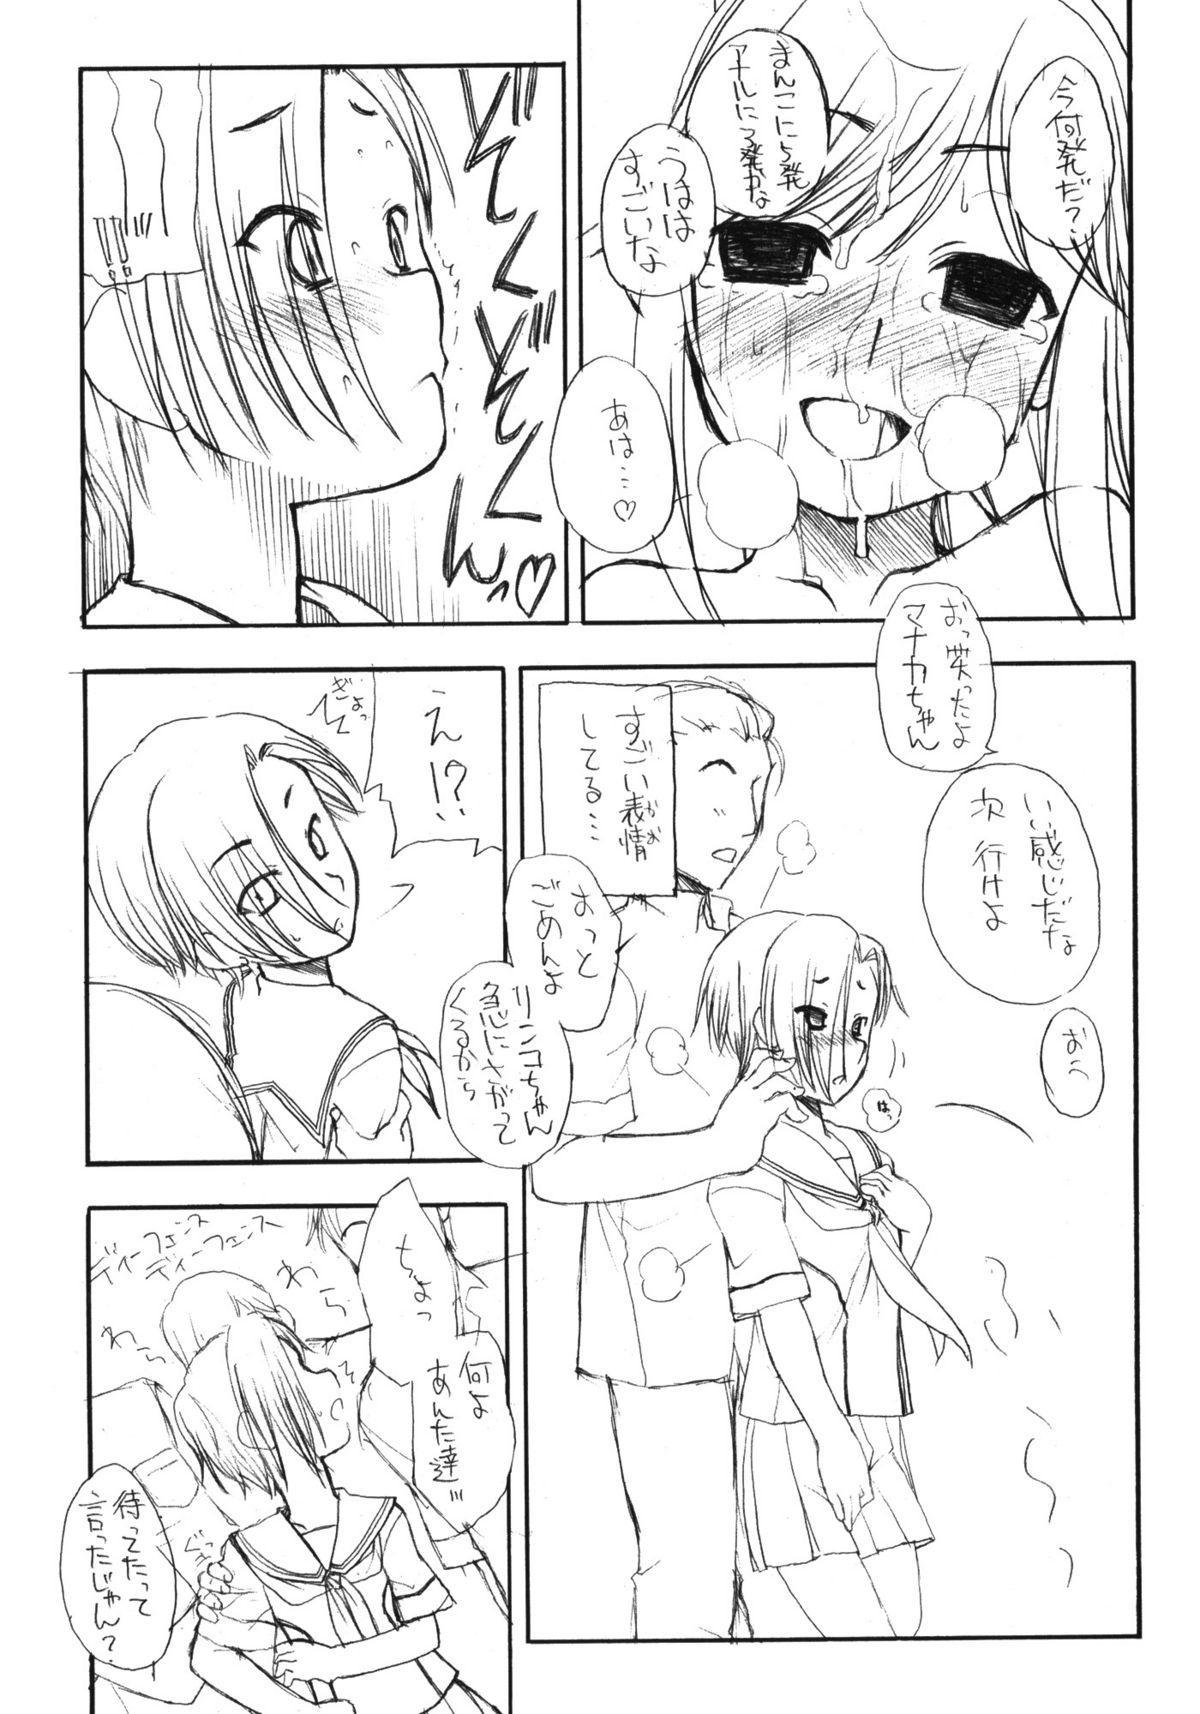 Rinko wa Nakadashi ga Ichiban Kanjirundesu. + Paper 11